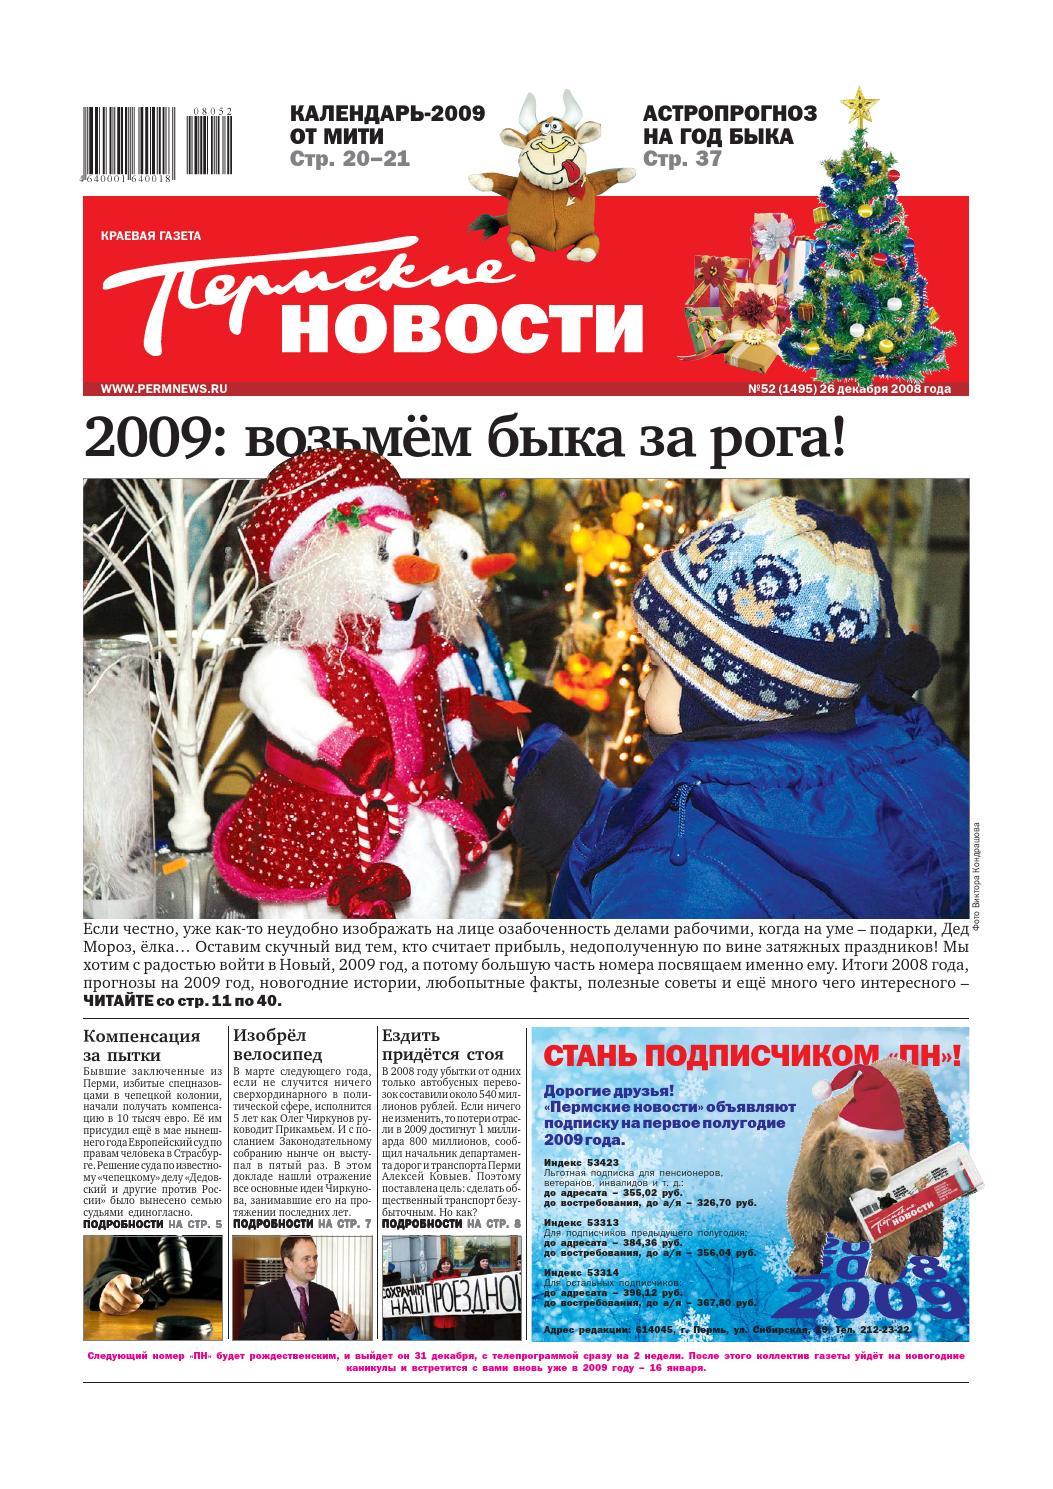 реклама сайта в интернете Сосновая улица (деревня Акиньшино)